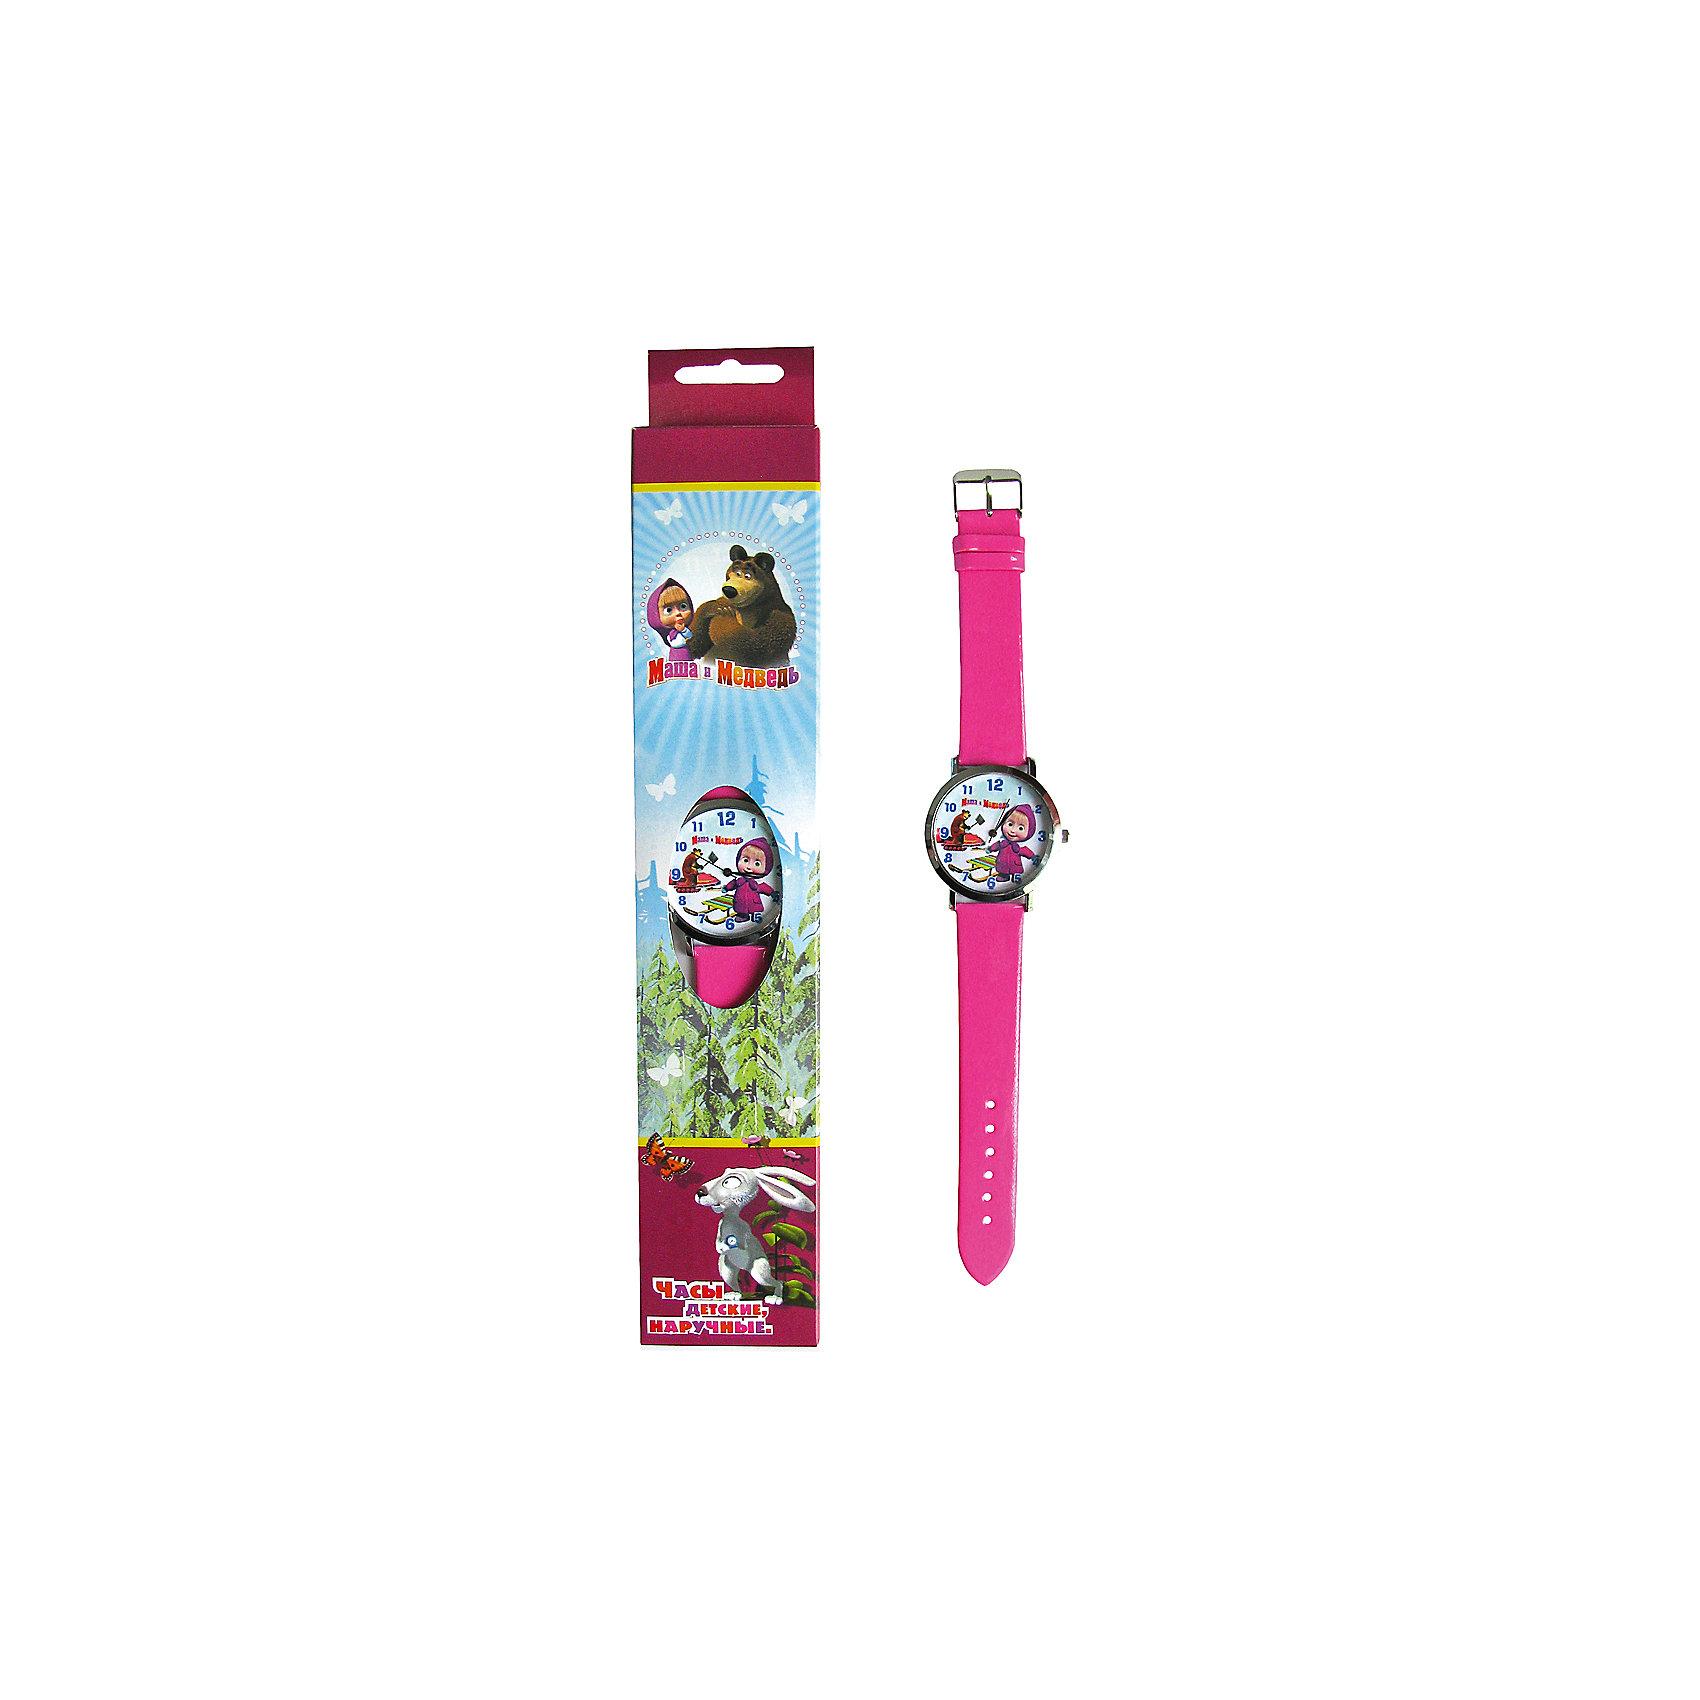 Часы наручные Маша и МедведьДетские наручные часы с изображением любимого героя Маша и Медведь будут отличным подарком для Вашей модницы. <br>Отличительные особенности данных часов: <br>Размер корпуса: 40<br>Цвет: розовый<br>Длина браслета (см):19<br>Ширина браслета (мм):18<br>Материал браслета: пластик<br>Материал корпуса: металл<br>Разер корпуса: 40<br>Водонепроницаемость: 3 Атм<br>Механизм: кварцевый<br>Тип механизма: Miyota<br><br>Ширина мм: 170<br>Глубина мм: 157<br>Высота мм: 67<br>Вес г: 117<br>Возраст от месяцев: 36<br>Возраст до месяцев: 2147483647<br>Пол: Унисекс<br>Возраст: Детский<br>SKU: 4424922